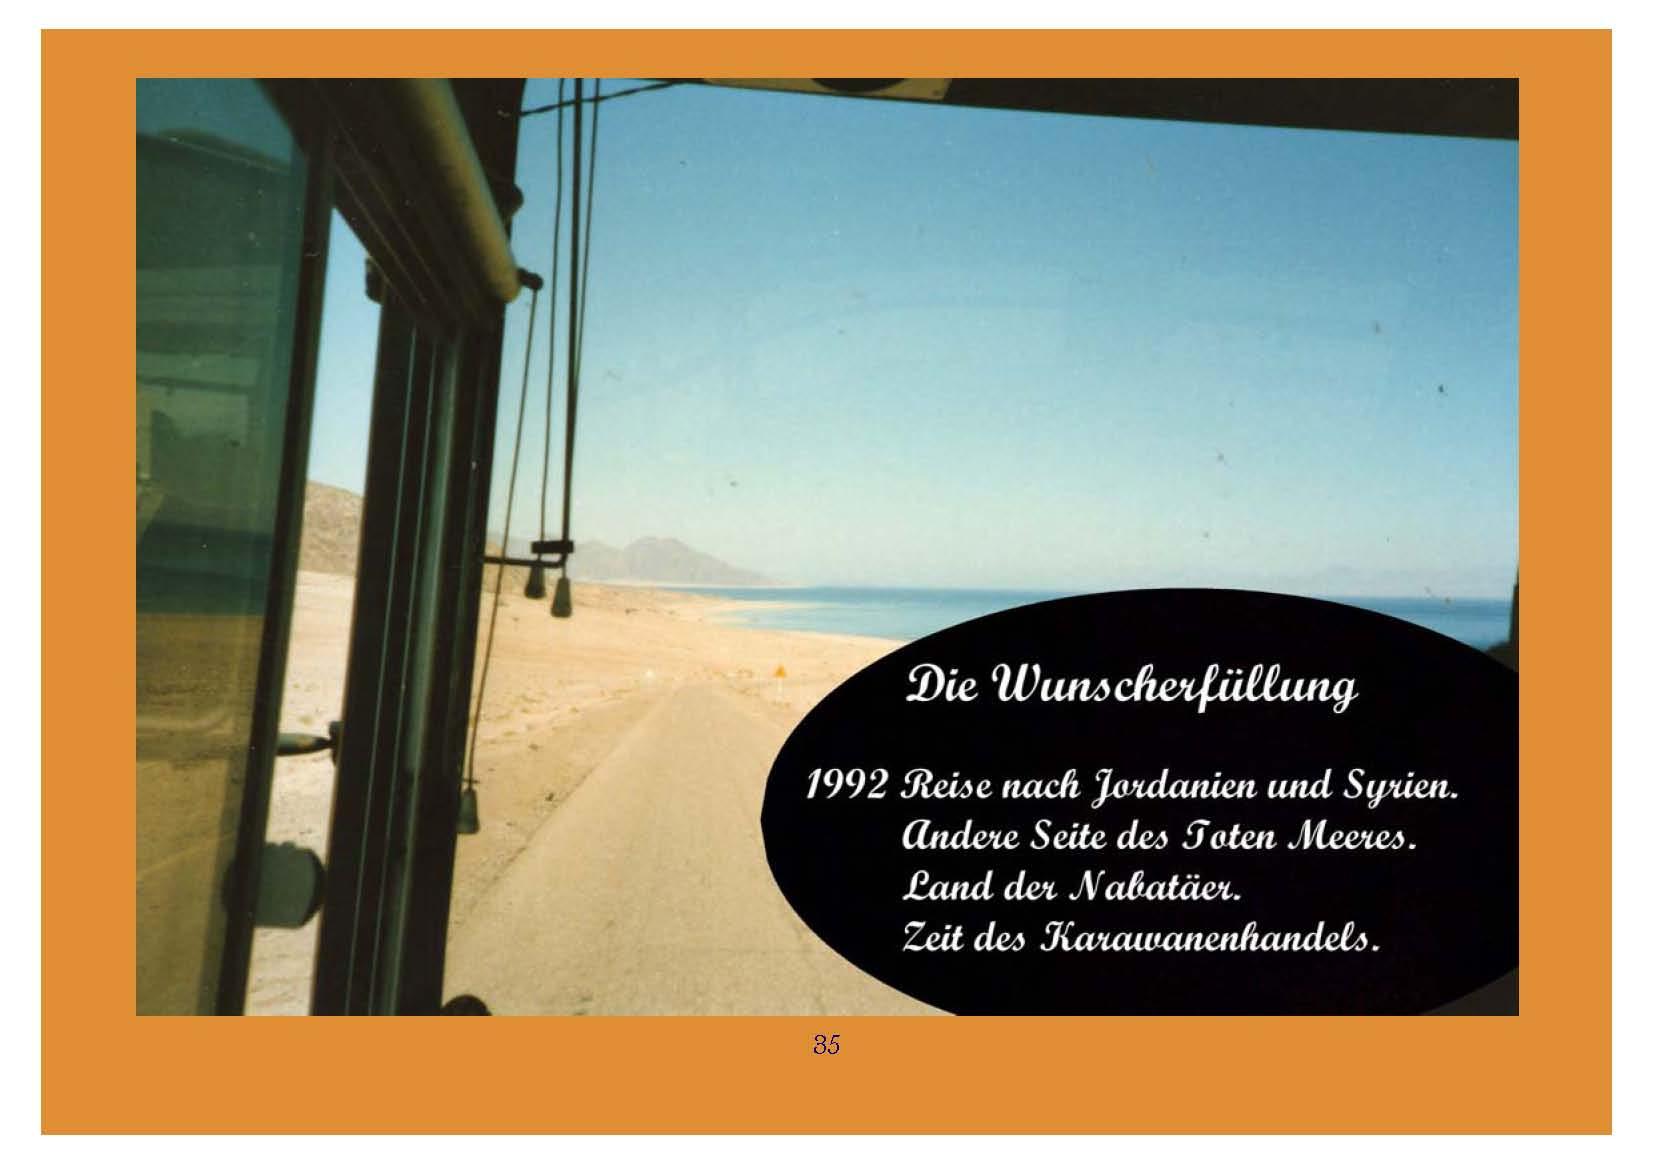 ™Gigabuch-Bibliothek/iAutobiographie Band 11/Bild 0788